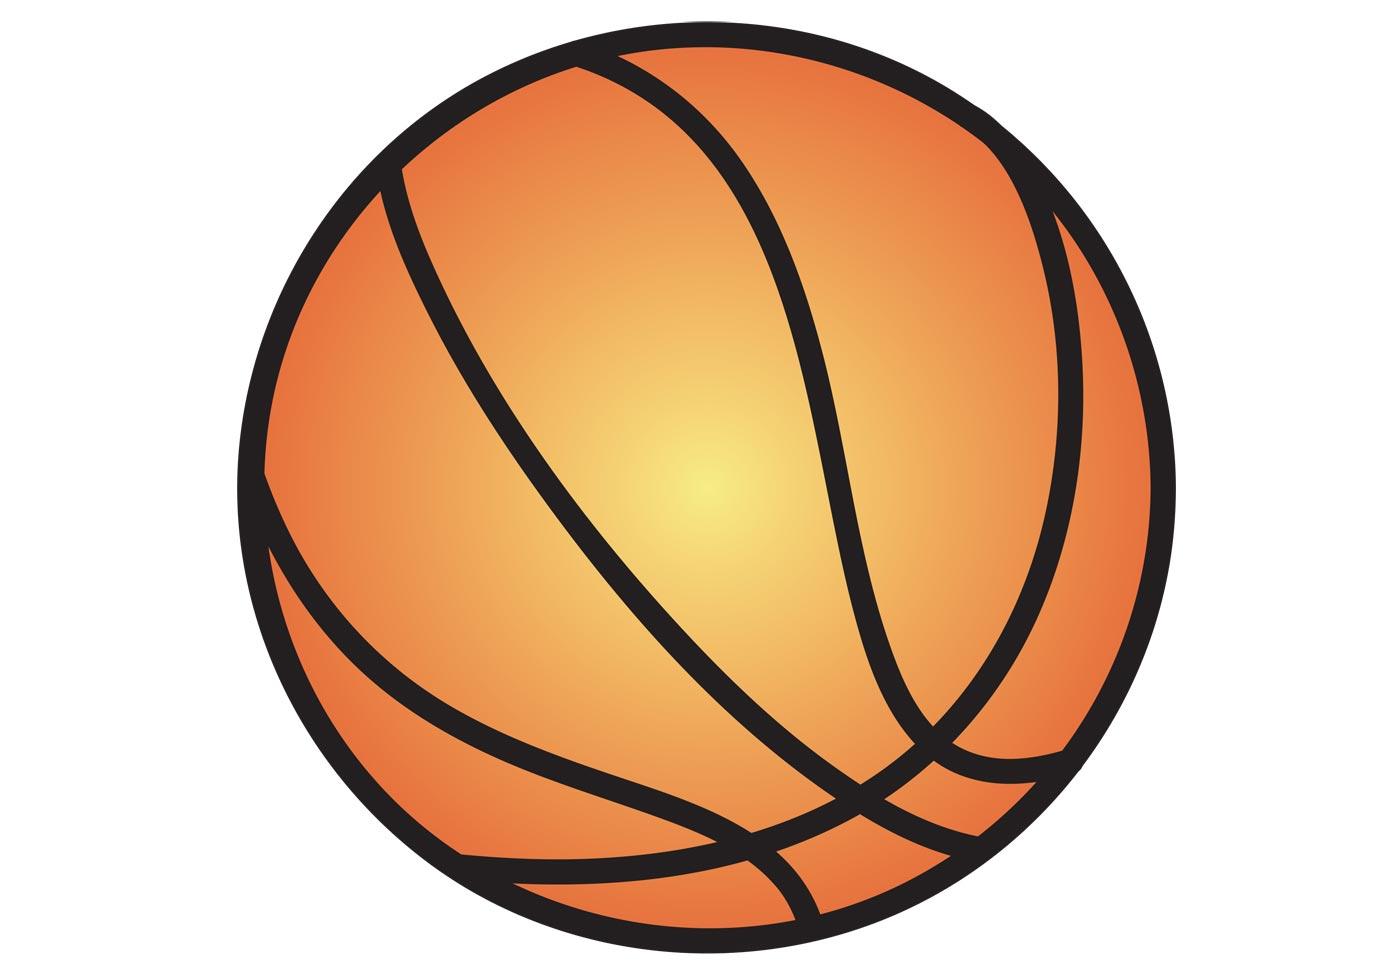 1400x980 Basketball